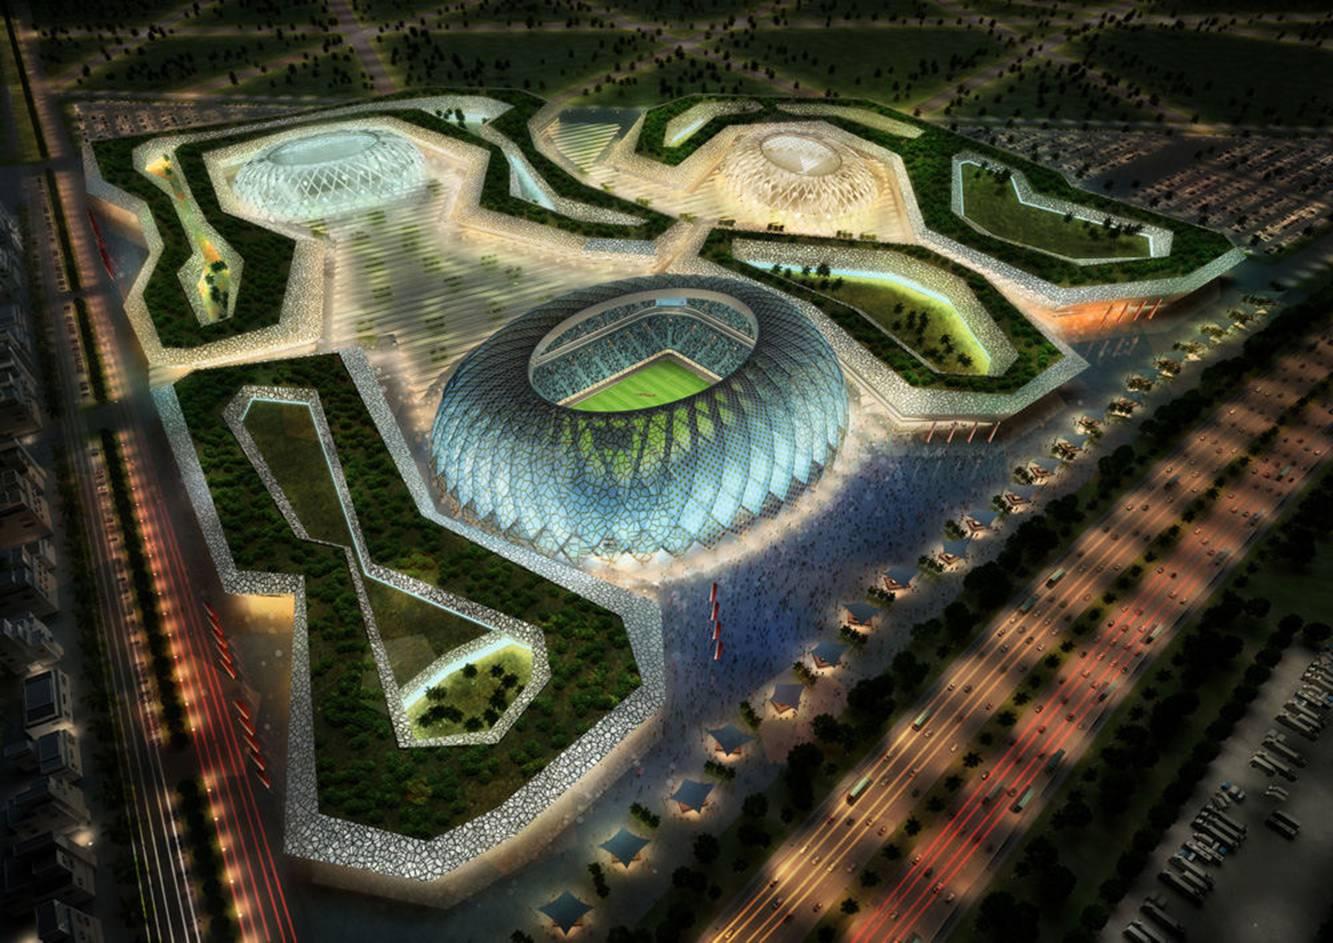 http://1.bp.blogspot.com/_uvN78o8Y1hQ/TUbum0bR9eI/AAAAAAAAAm4/zKUhYcEaK9k/s1600/2022+football+worlcup+place+%25284%2529.jpg